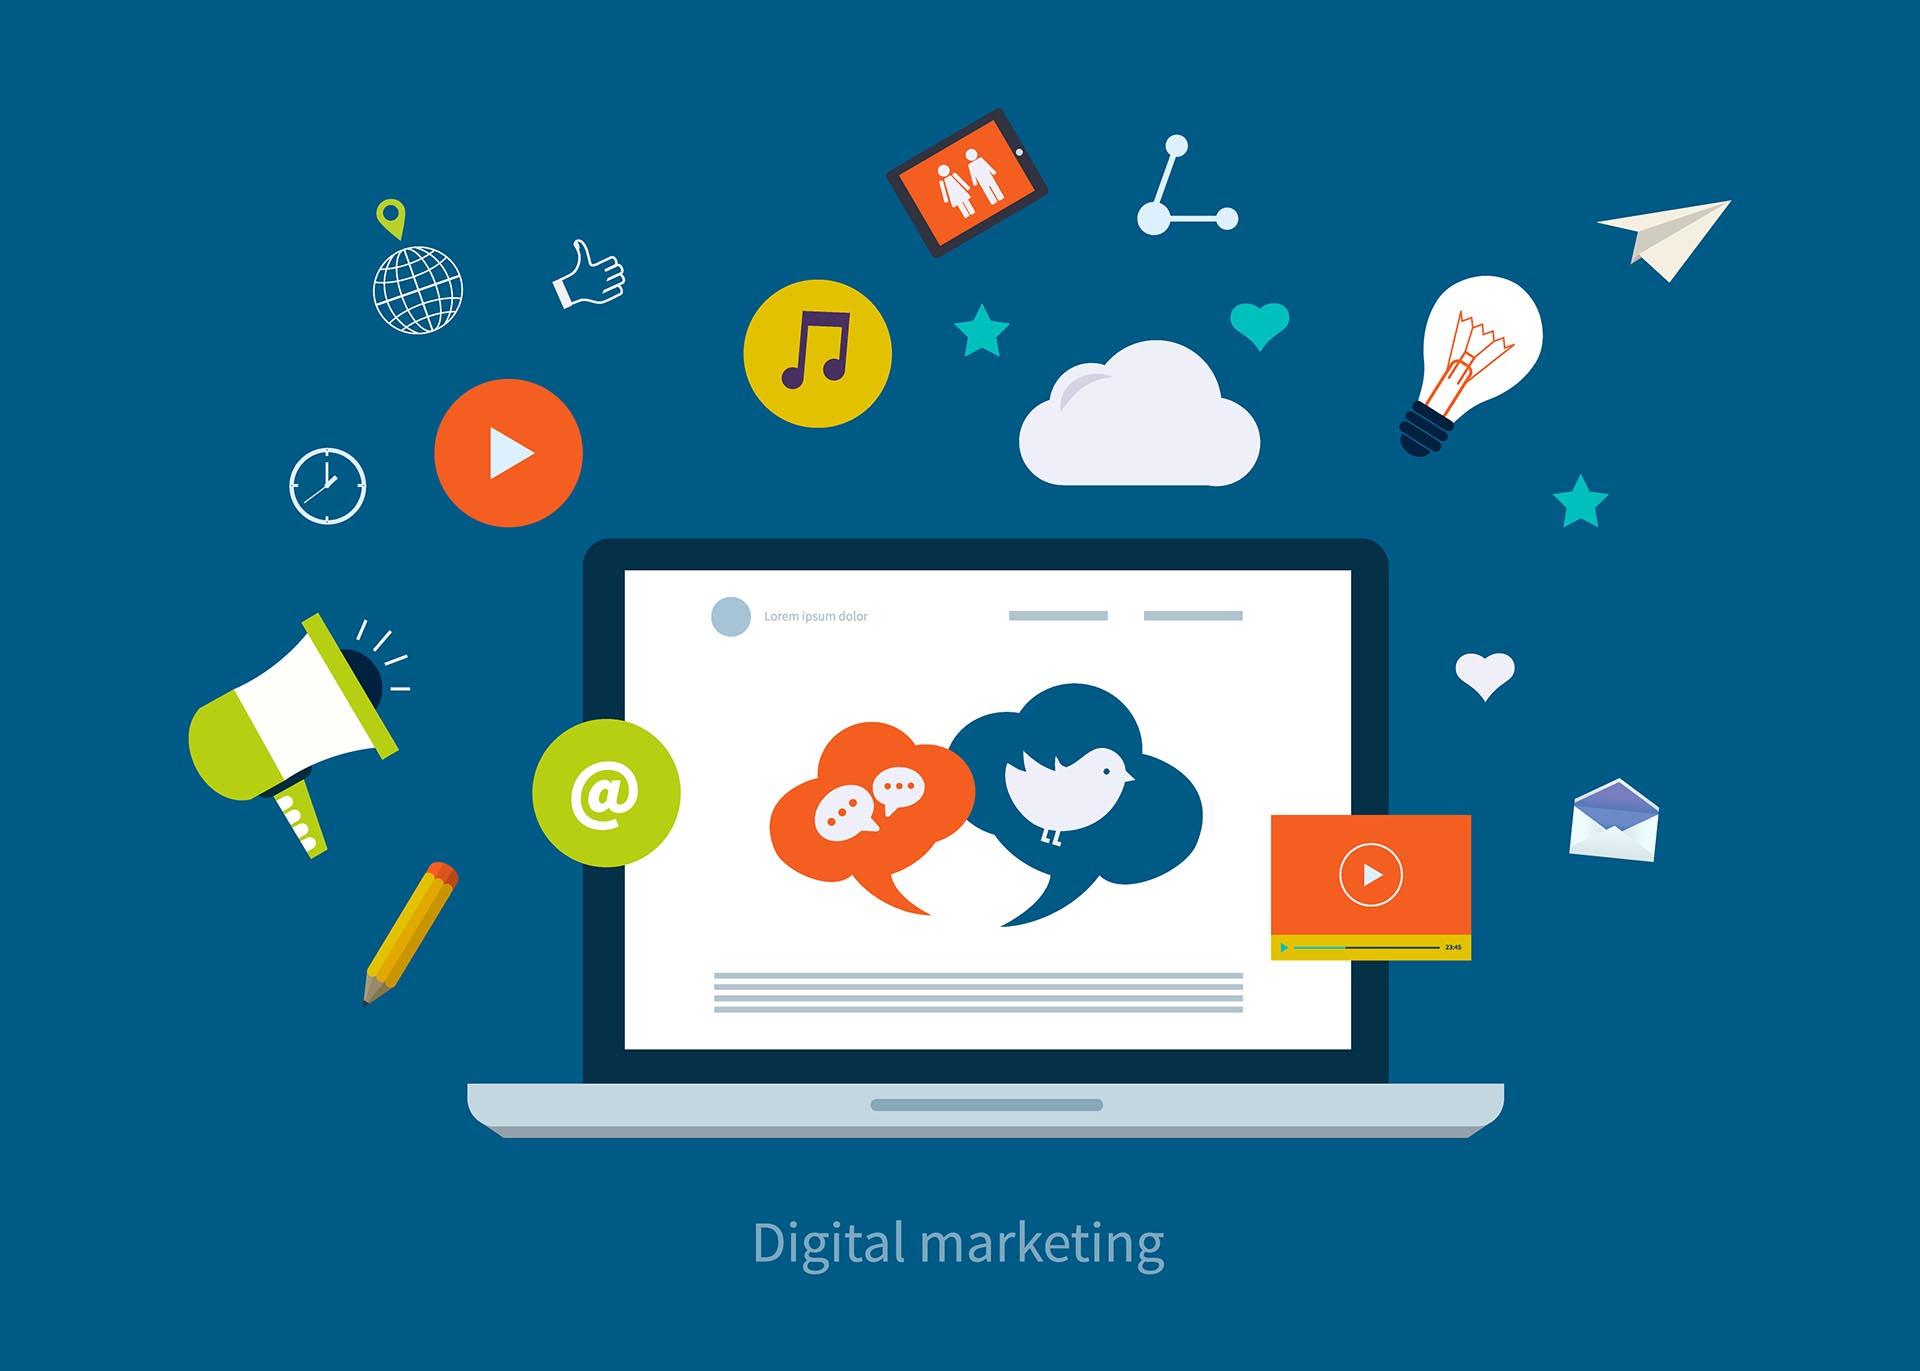 Illustration Digital Marketing